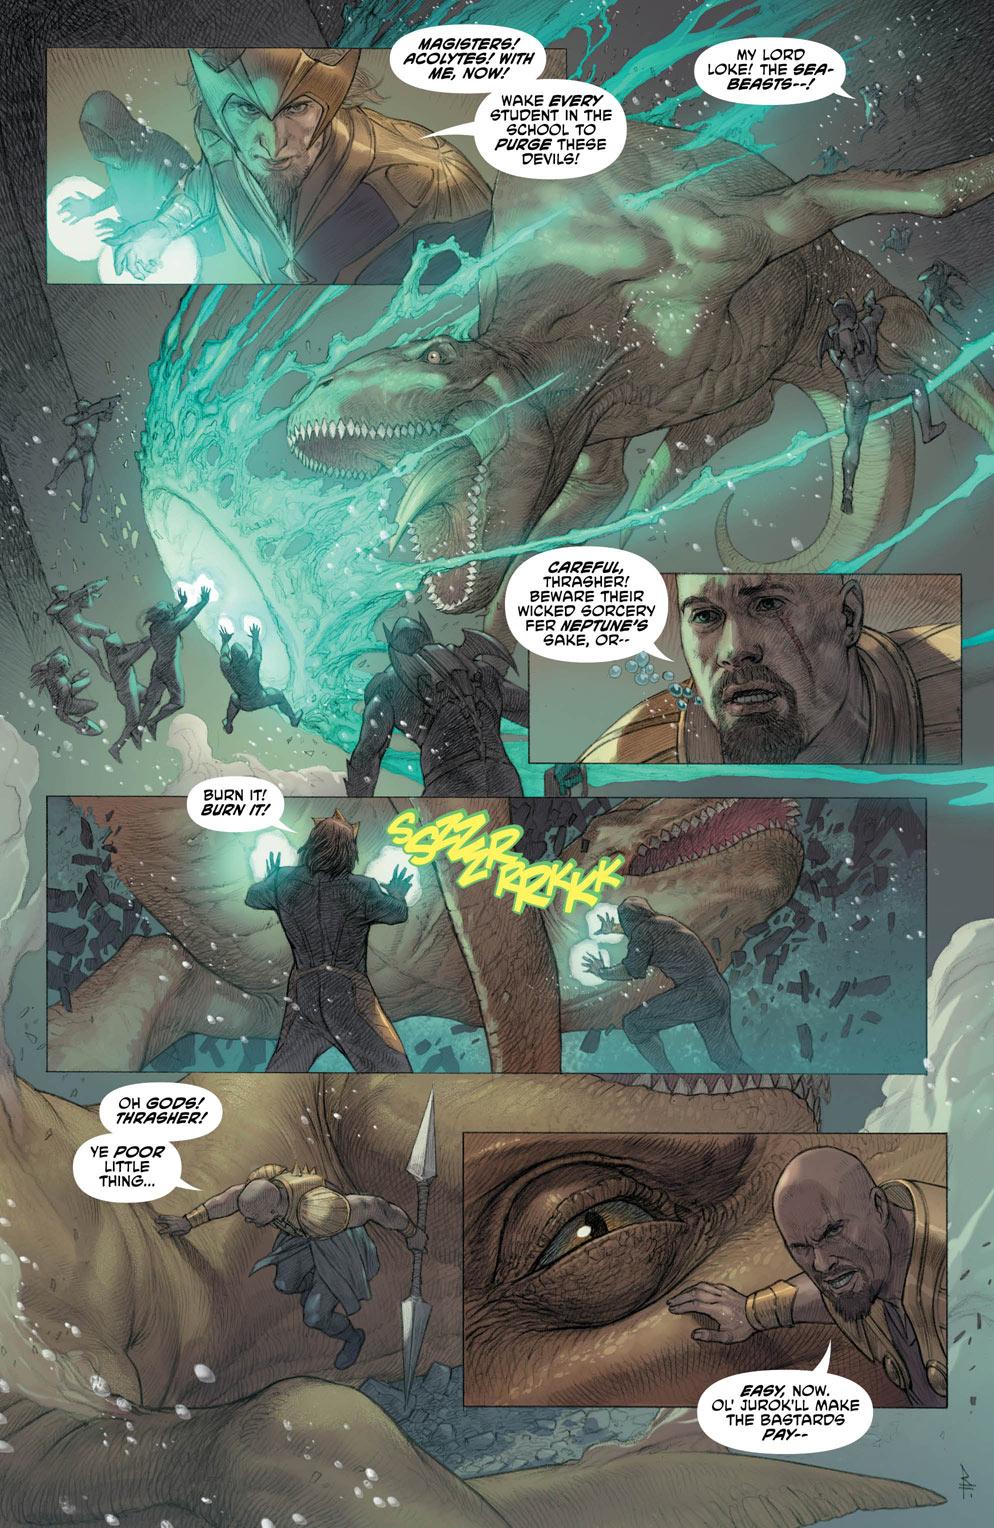 Aquaman 33_5 - DC Comics News